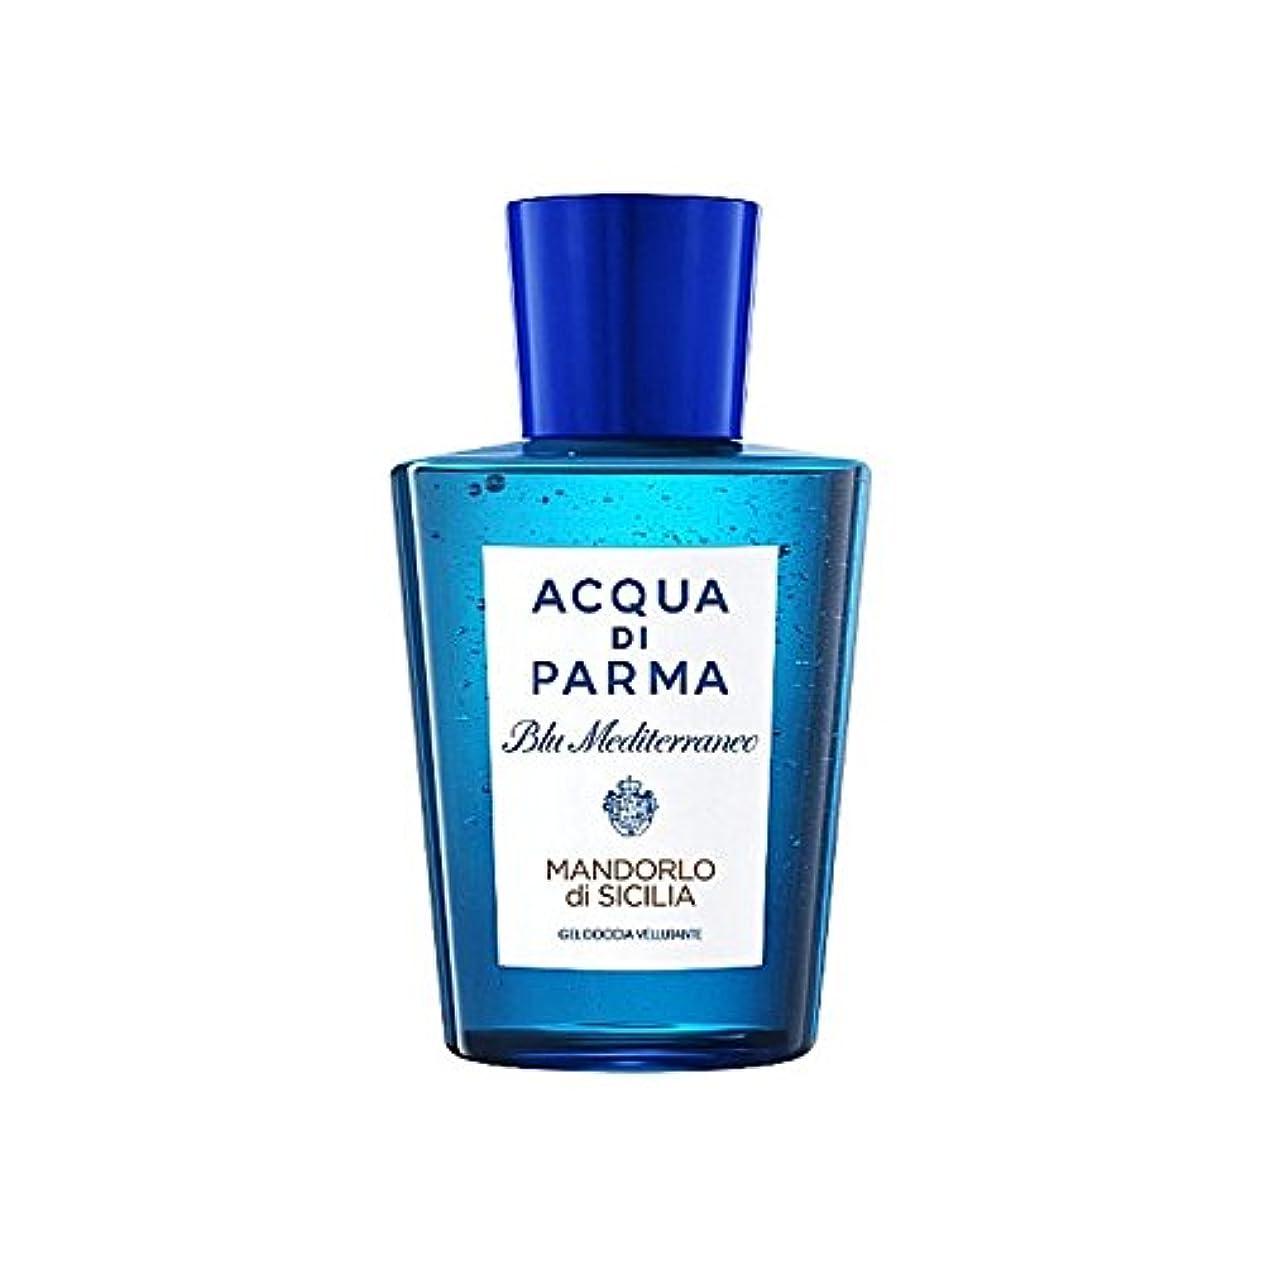 広げる外科医女の子Acqua Di Parma Blu Mediterraneo Mandorlo Di Sicilia Shower Gel 200ml (Pack of 6) - アクアディパルマブルーメディマンドルロディシチリアシャワージェル200 x6 [並行輸入品]